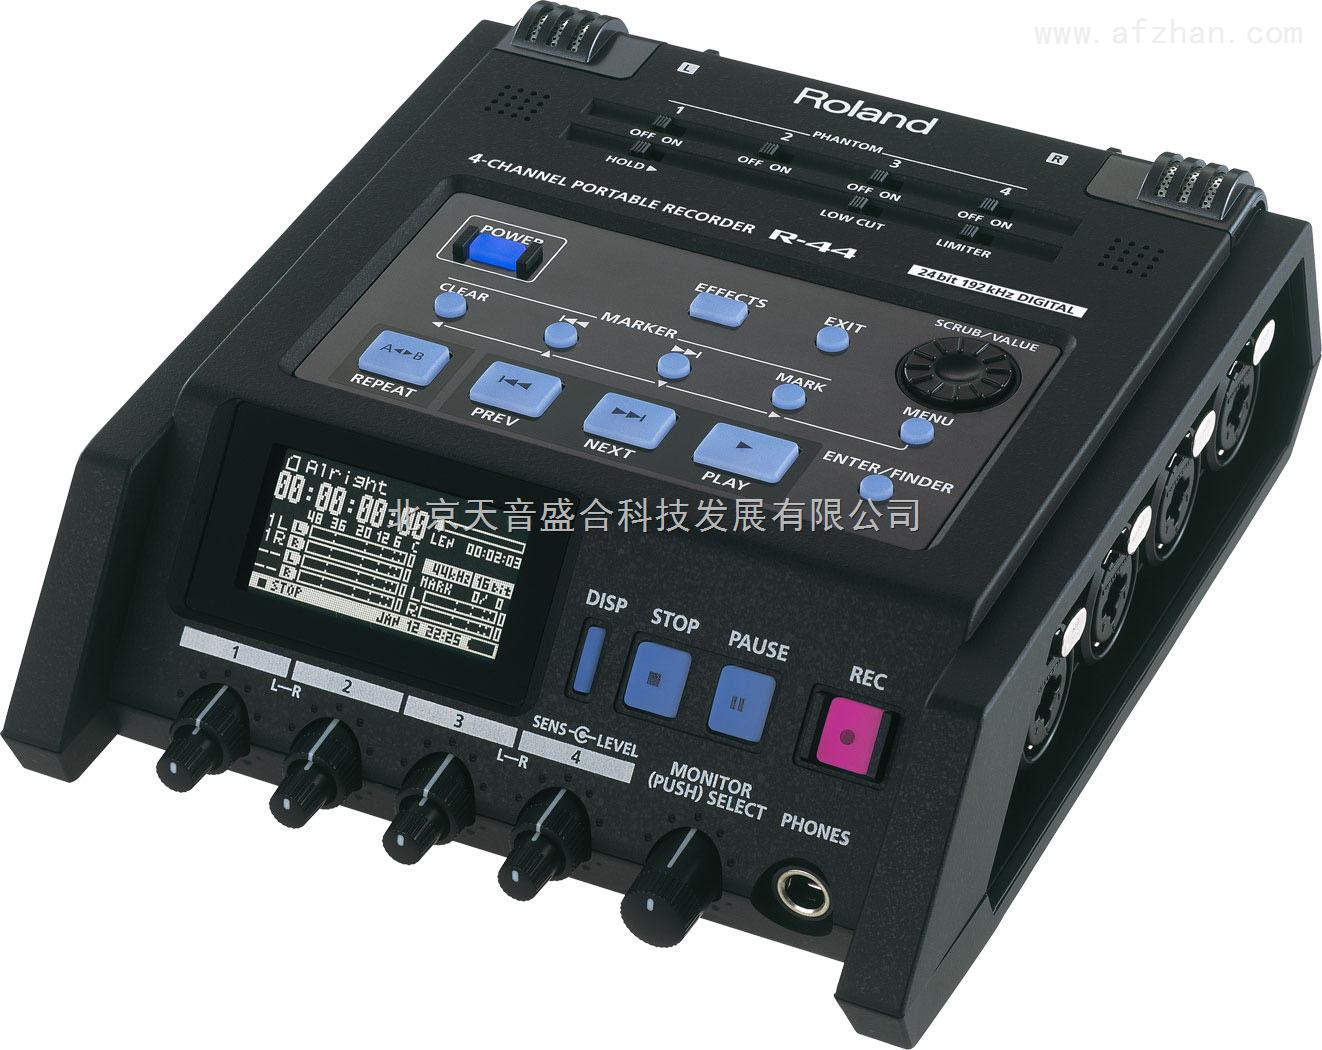 r-44 roland罗兰r44 4路便携数字录音机